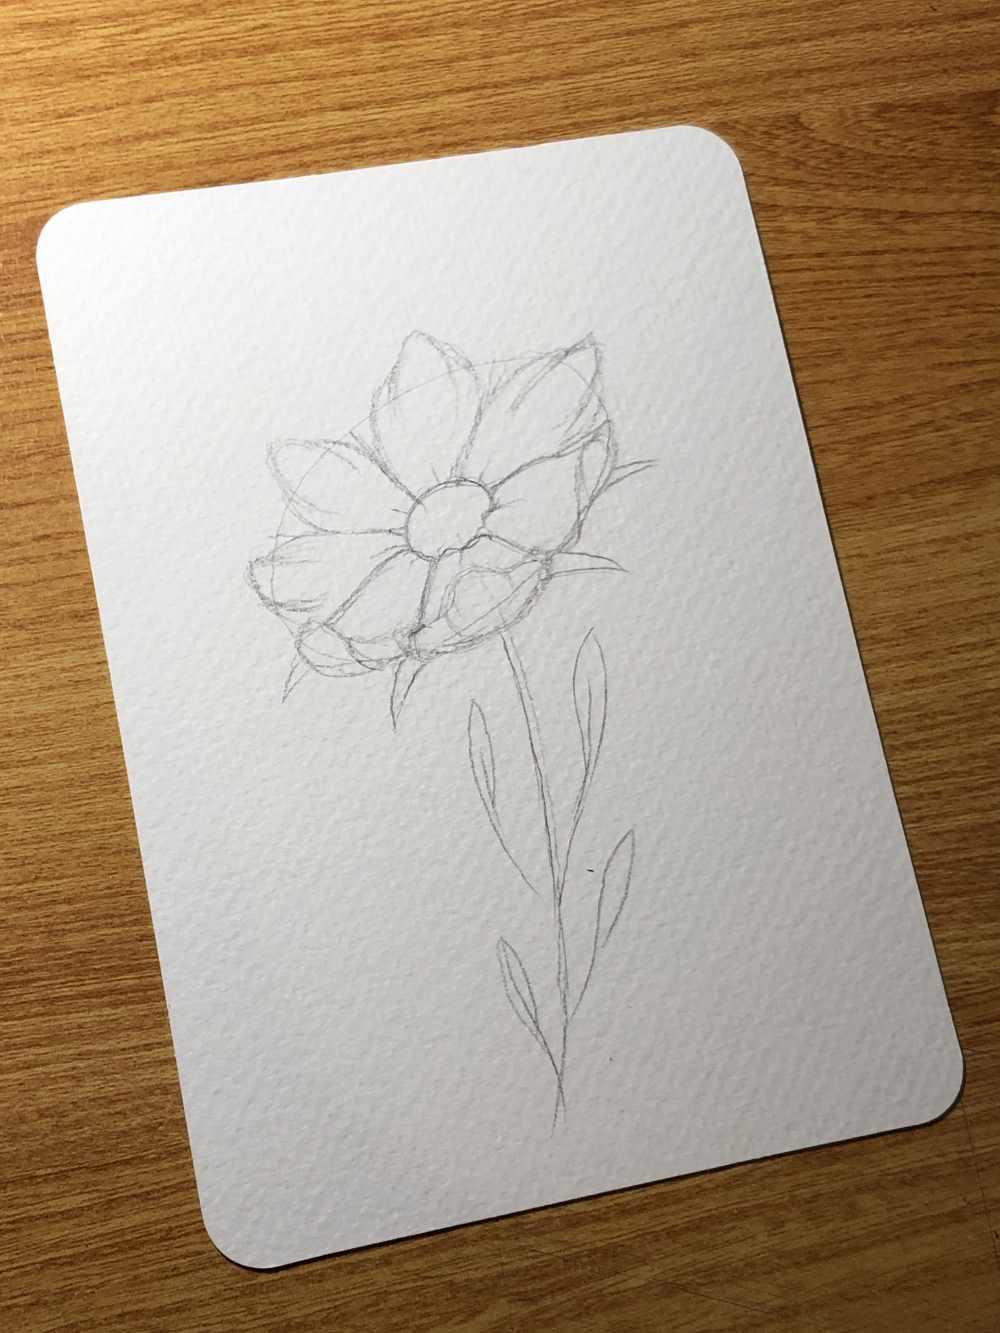 Skizze einer Blume - einfach zeichnen